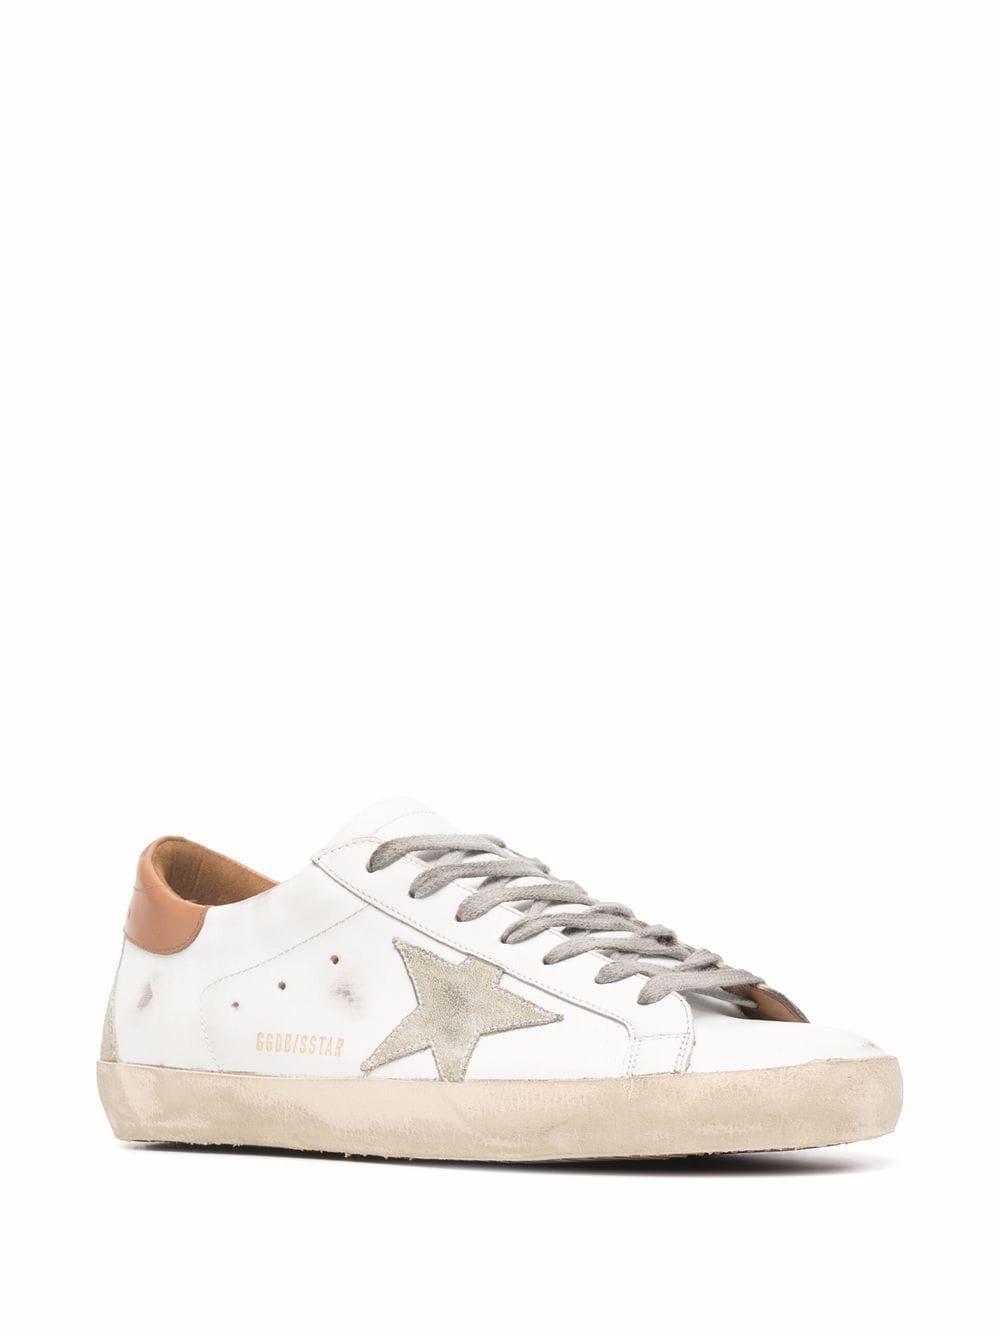 Picture of Golden Goose Deluxe Brand   Golden Goose Superstar Low-Top Sneakers